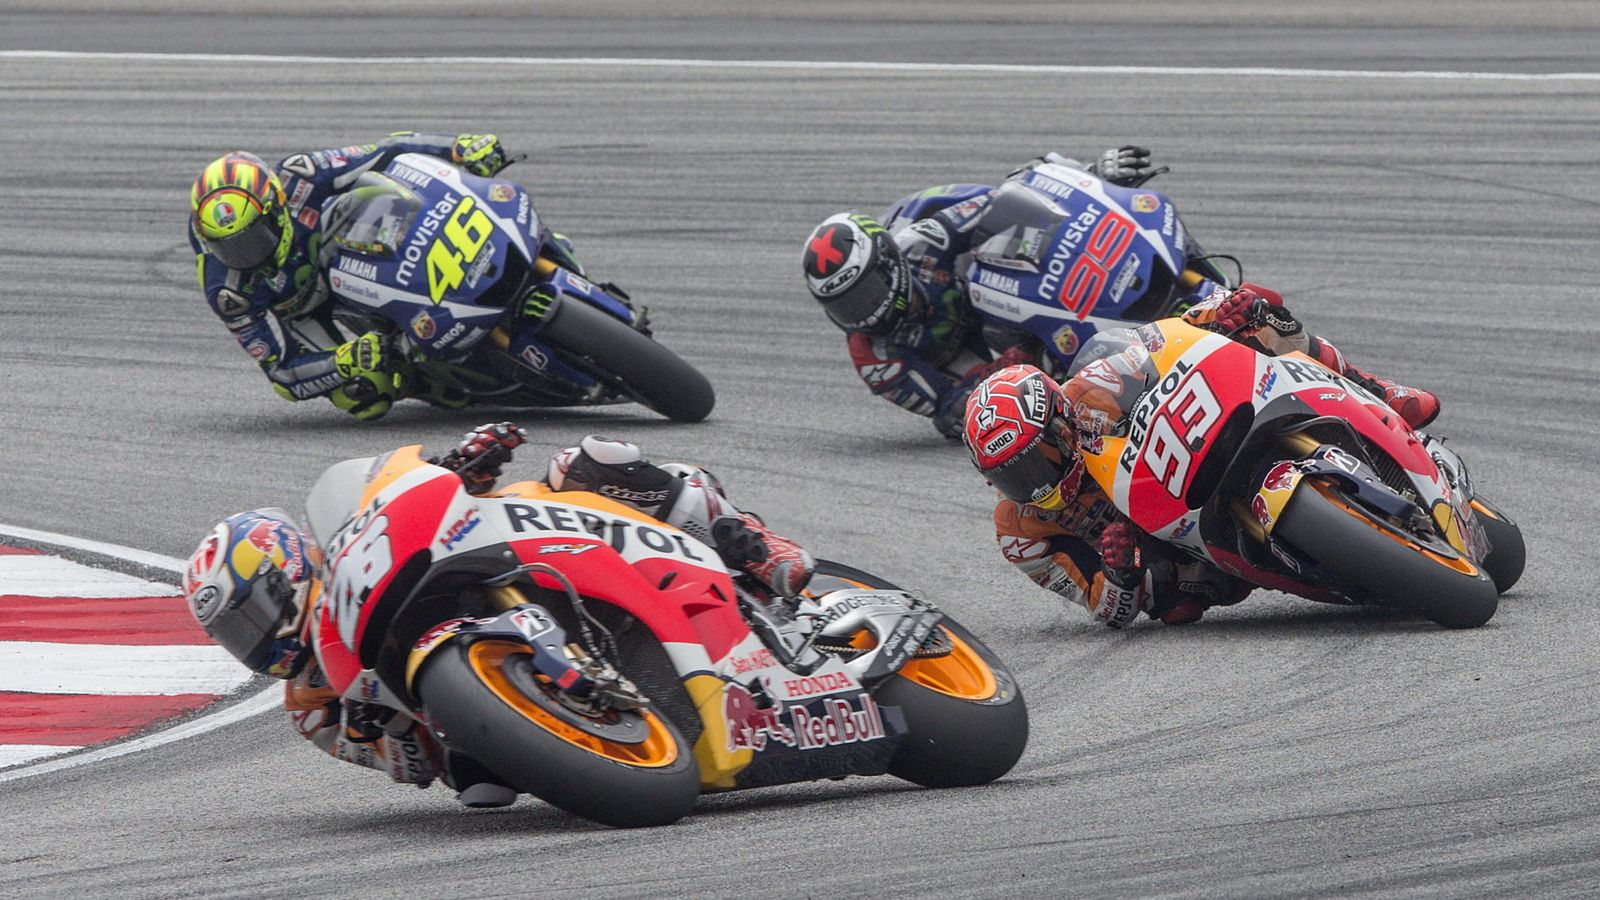 Foto: Pedrosa, Márquez, Lorenzo y Rossi en Malasia la temporada pasada (Efe).